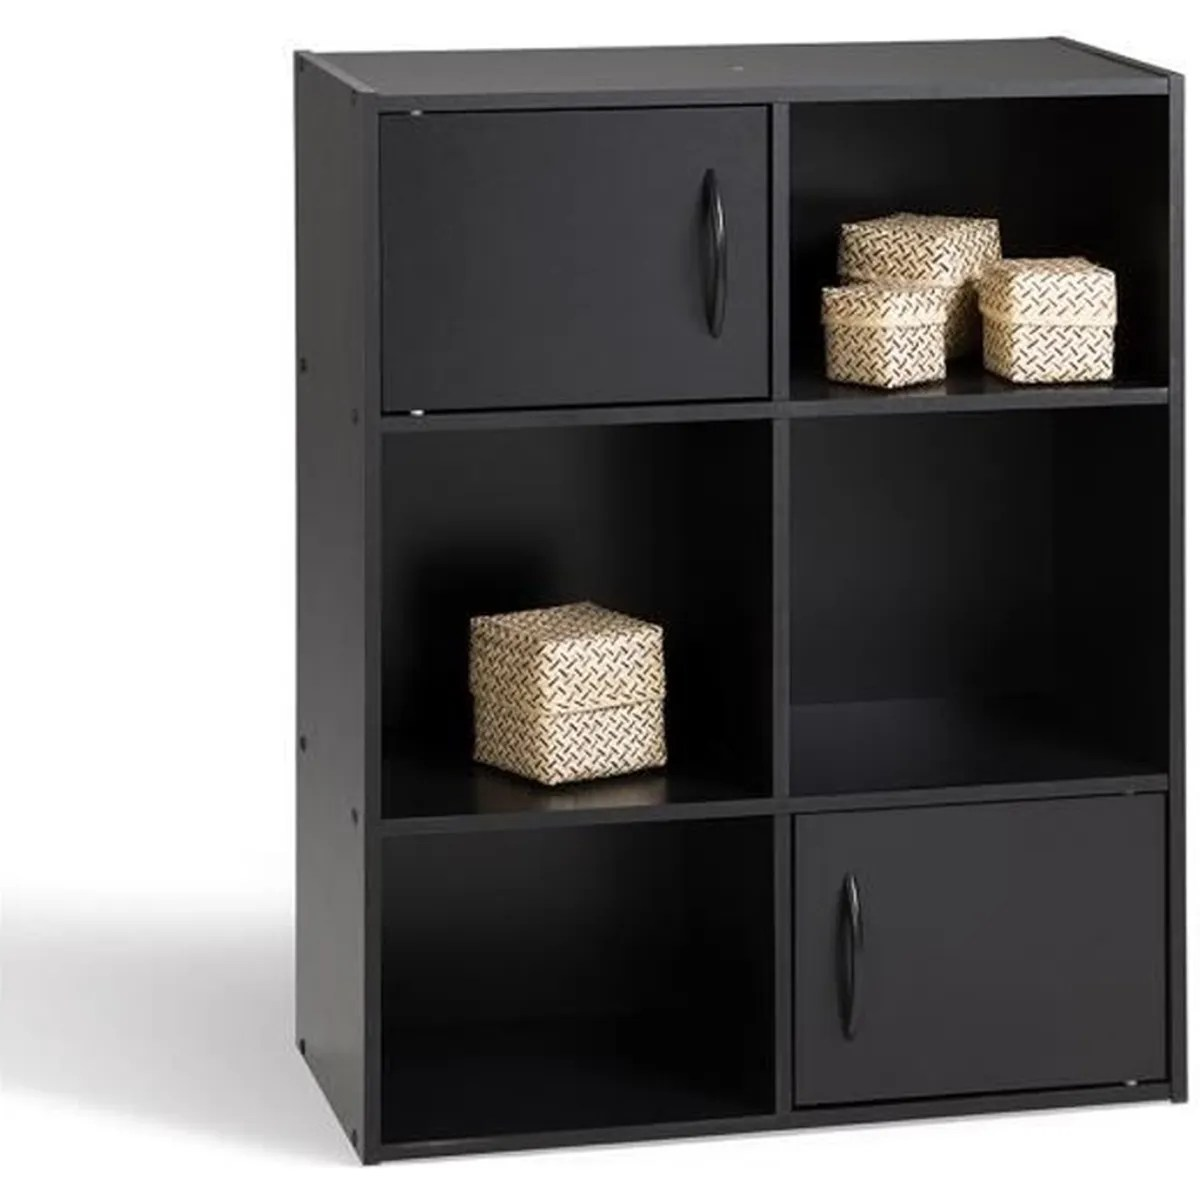 Meuble de rangement Noir en panneaux de particules 615x295x80 cm  Achat  Vente petit meuble